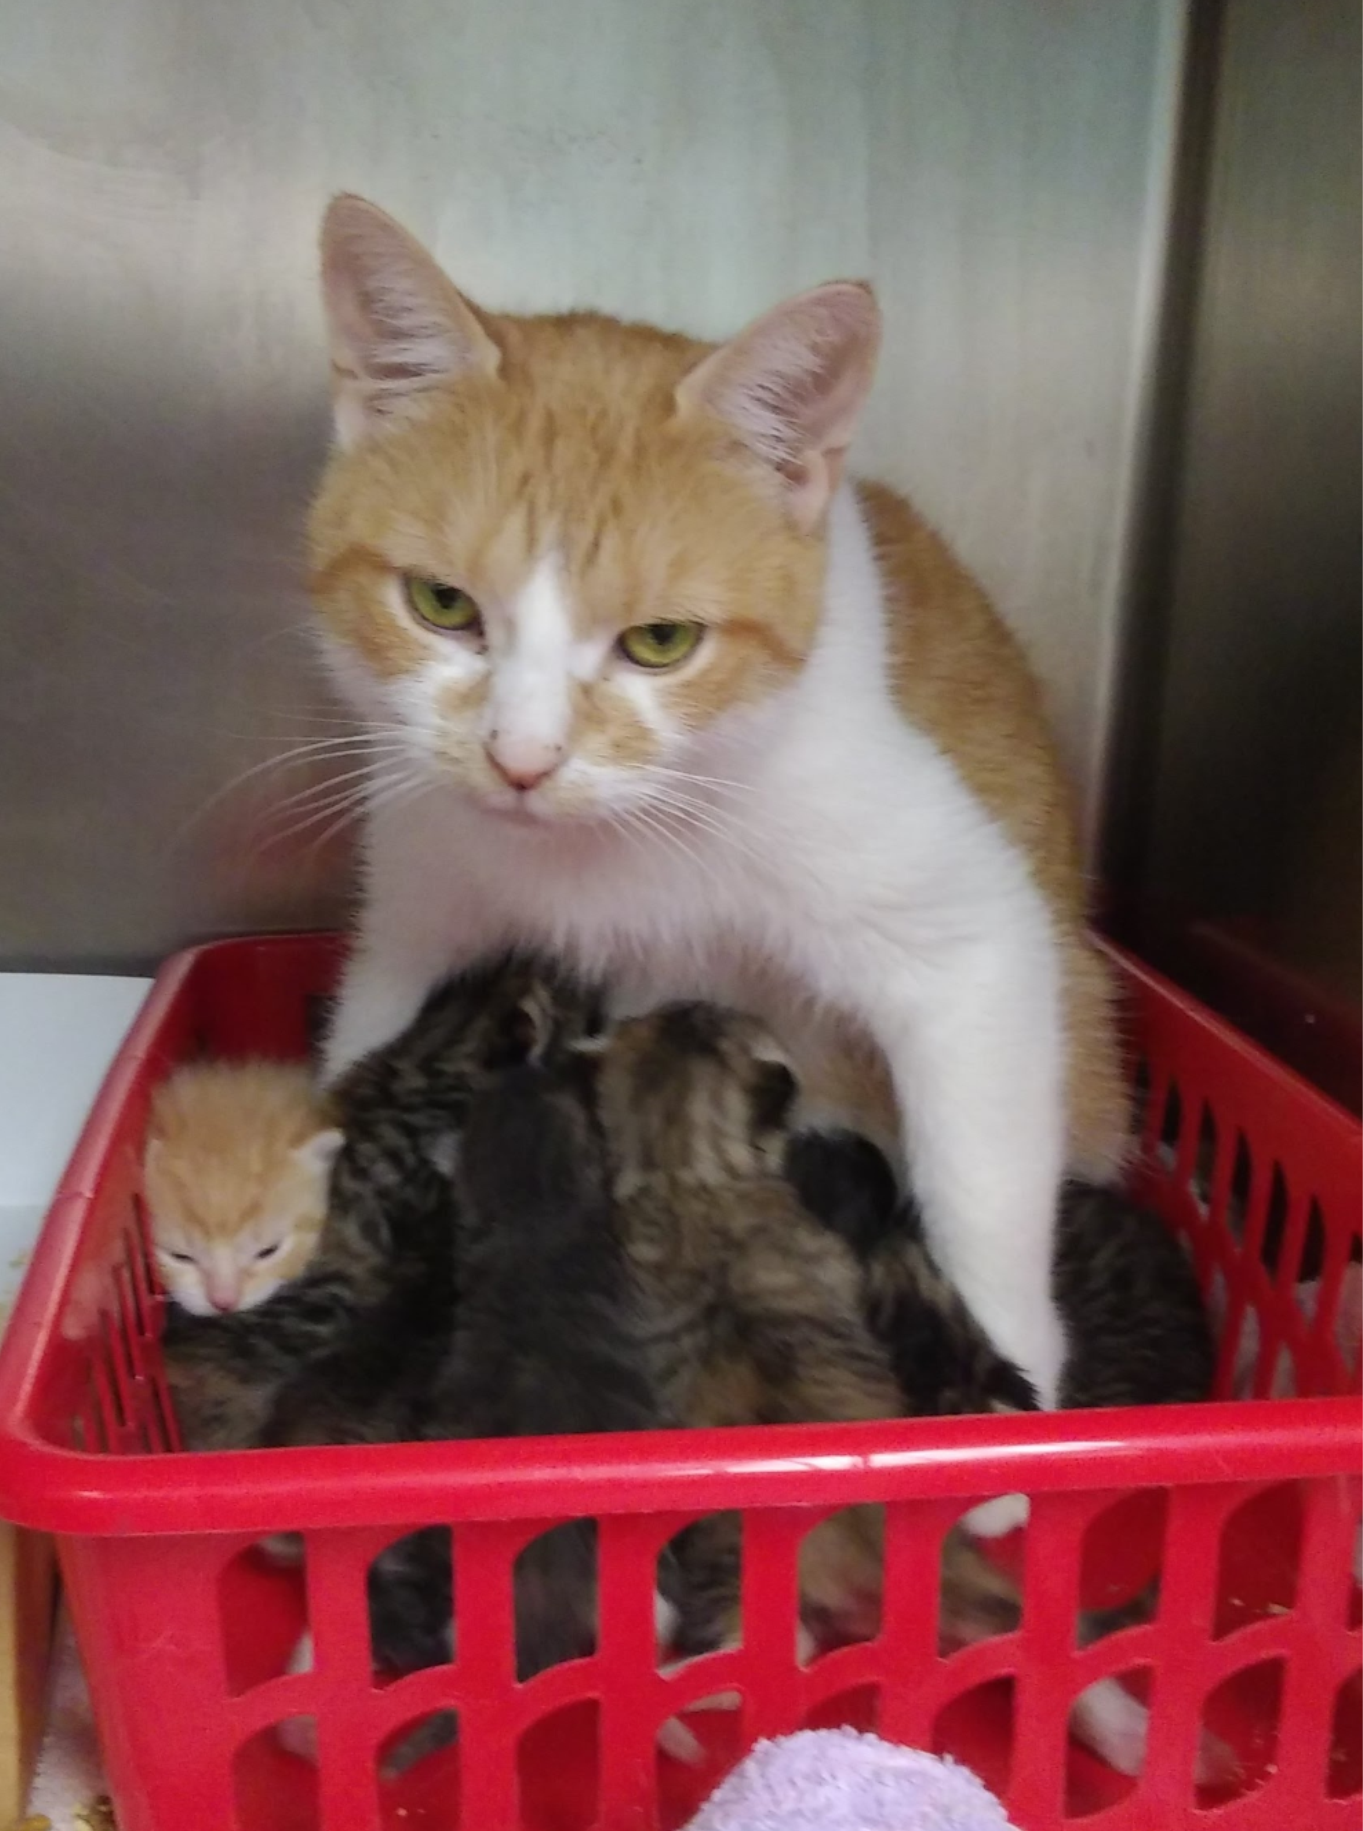 Barcelona & Kittens - Cat# 5  (2 vote)